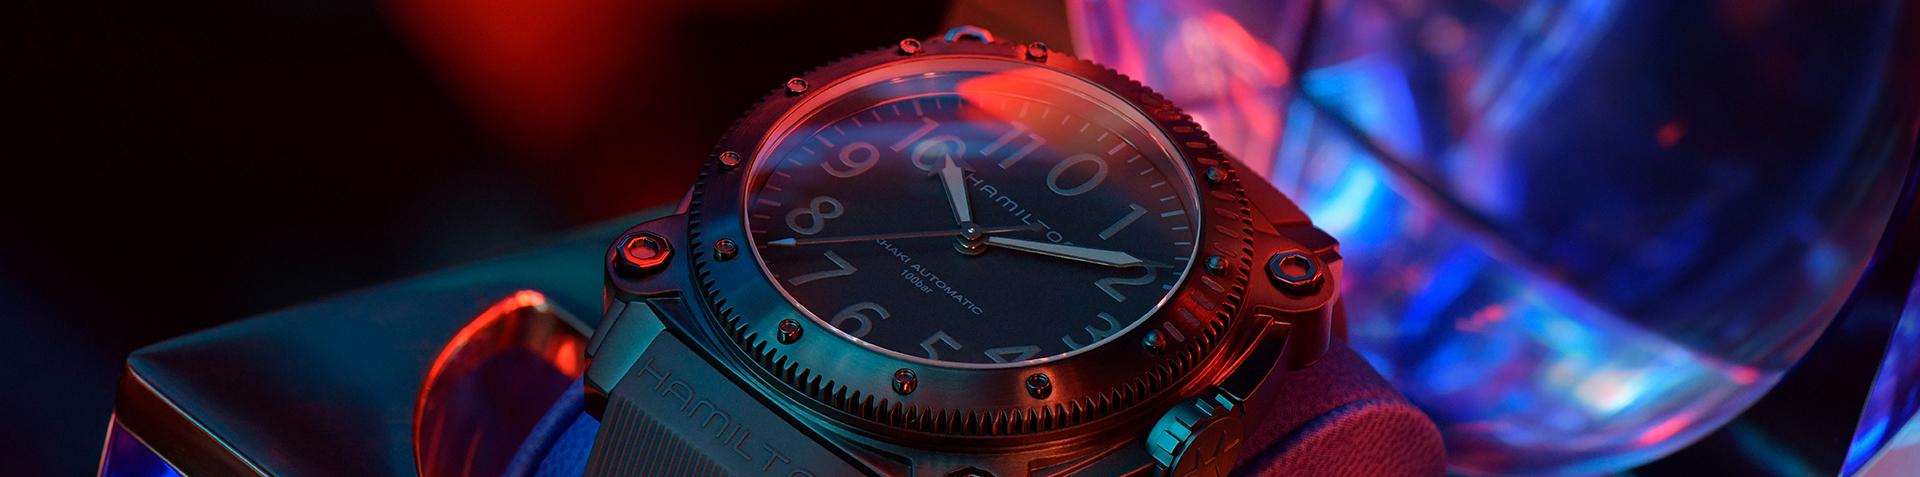 Hamilton Khaki Navy BeLOWZERO Titanium TENET Blue H78505331 Packaging